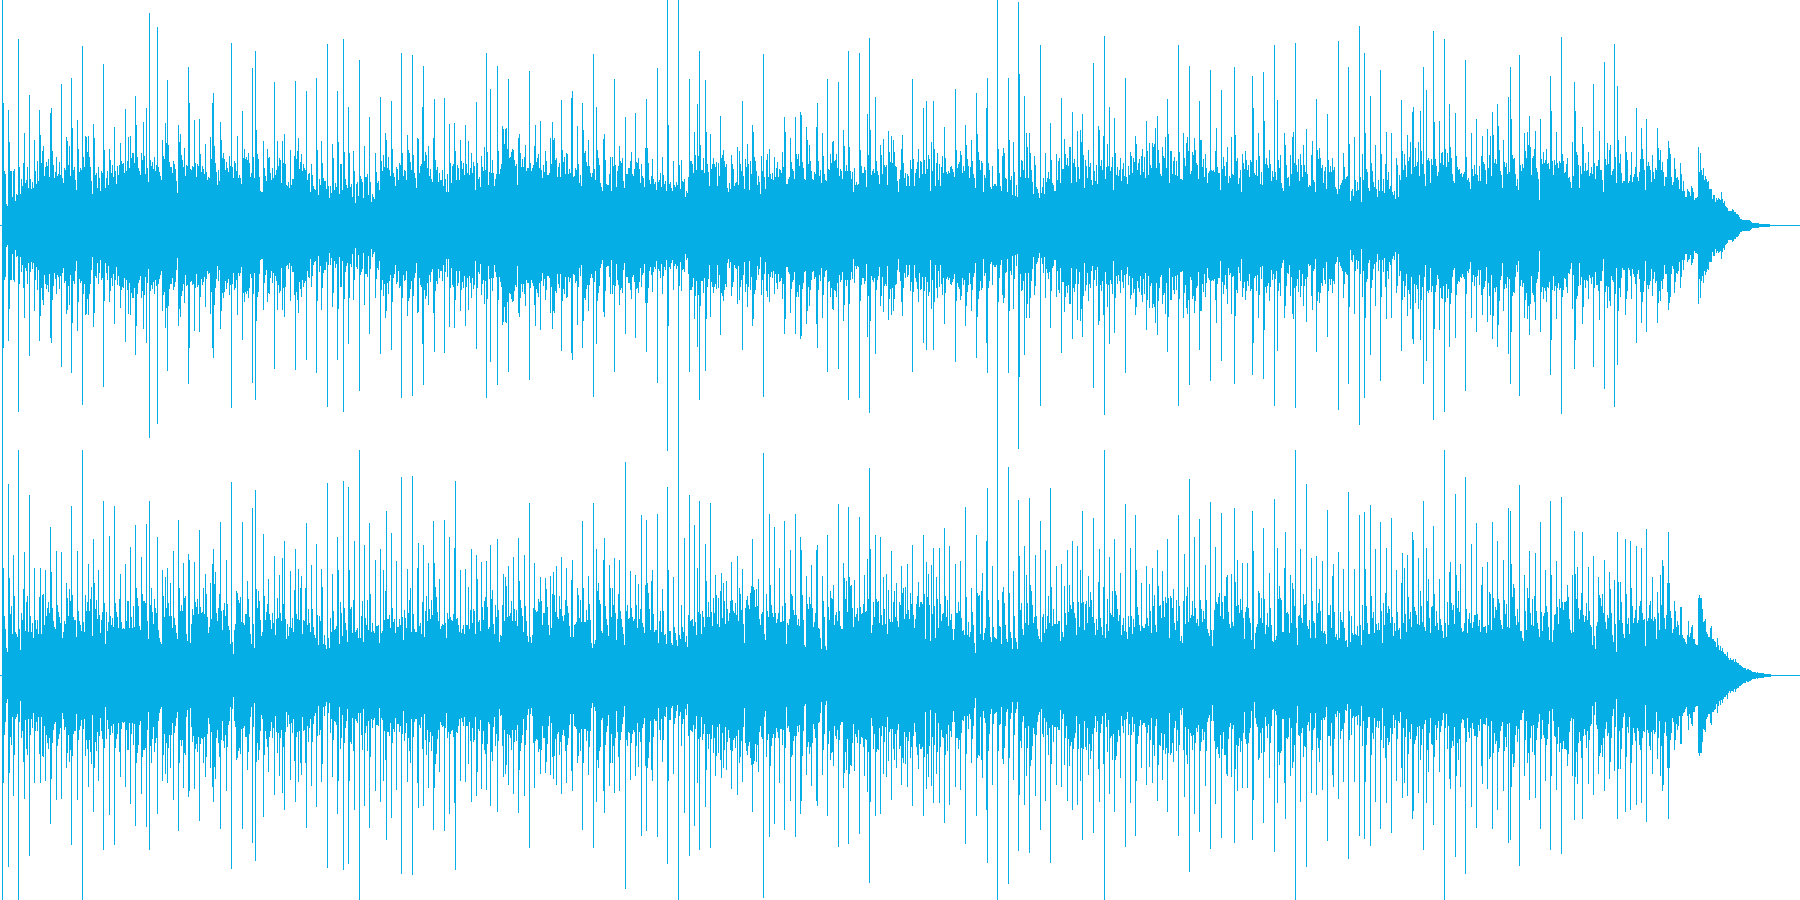 アコギによるリラックスできるヒーリング曲の再生済みの波形